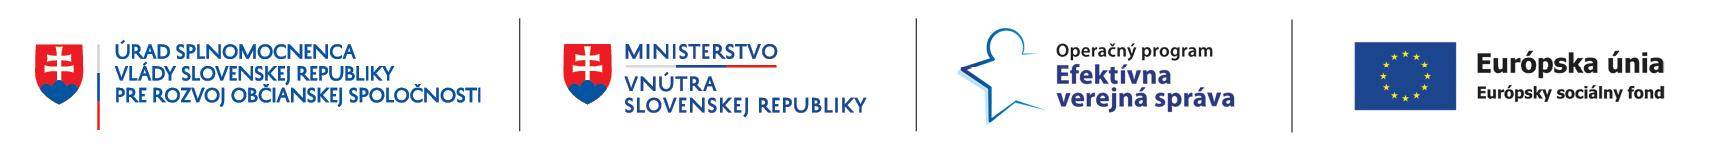 Tento projekt je financovaný z prostriedkov Európskeho sociálneho fondu cez OP Efektívna verejná správa.